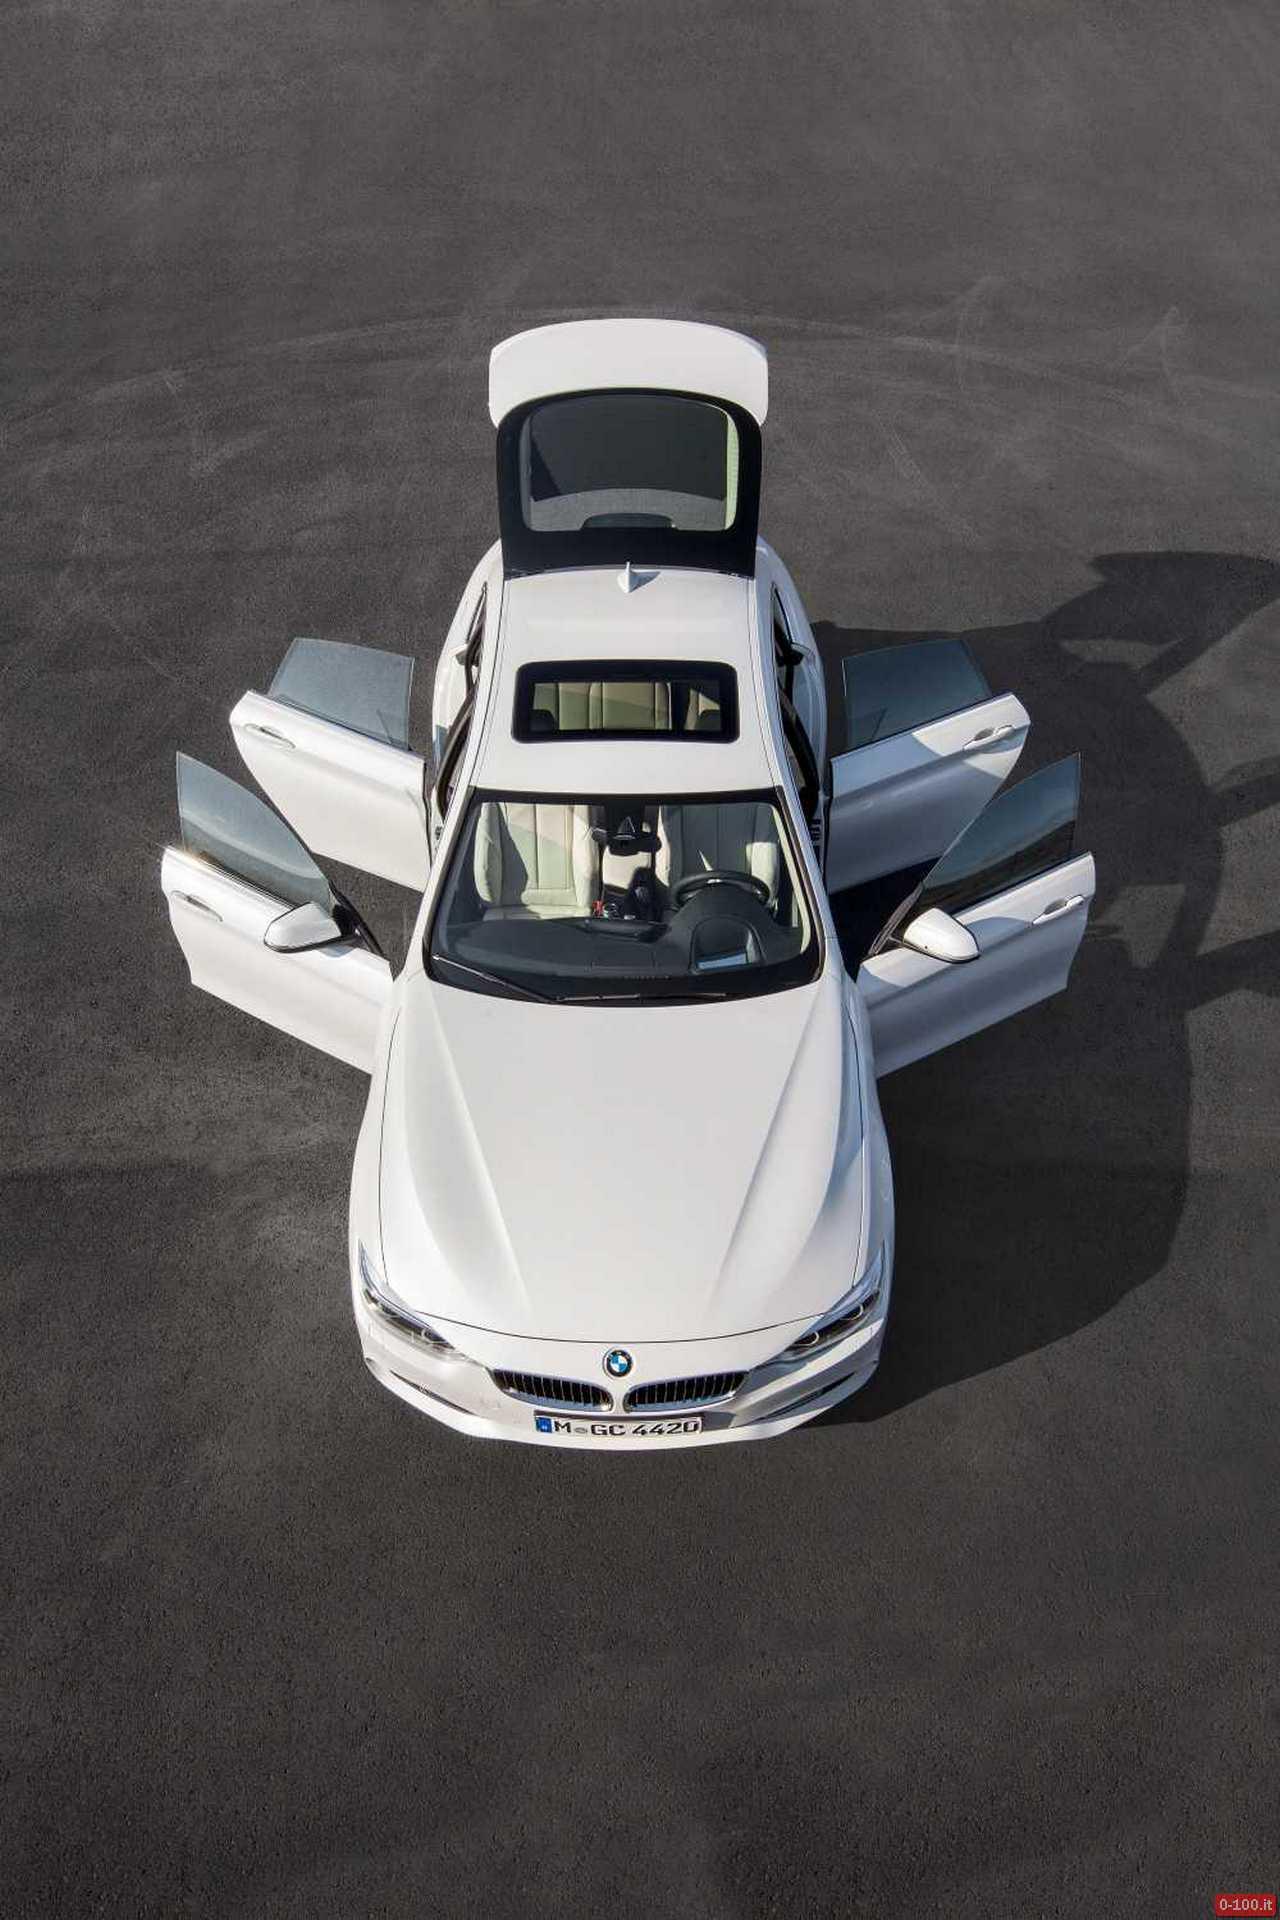 bmw-serie-4-gran-coupe-prezzo-price-ginevra-geneve-2014-0-100_100